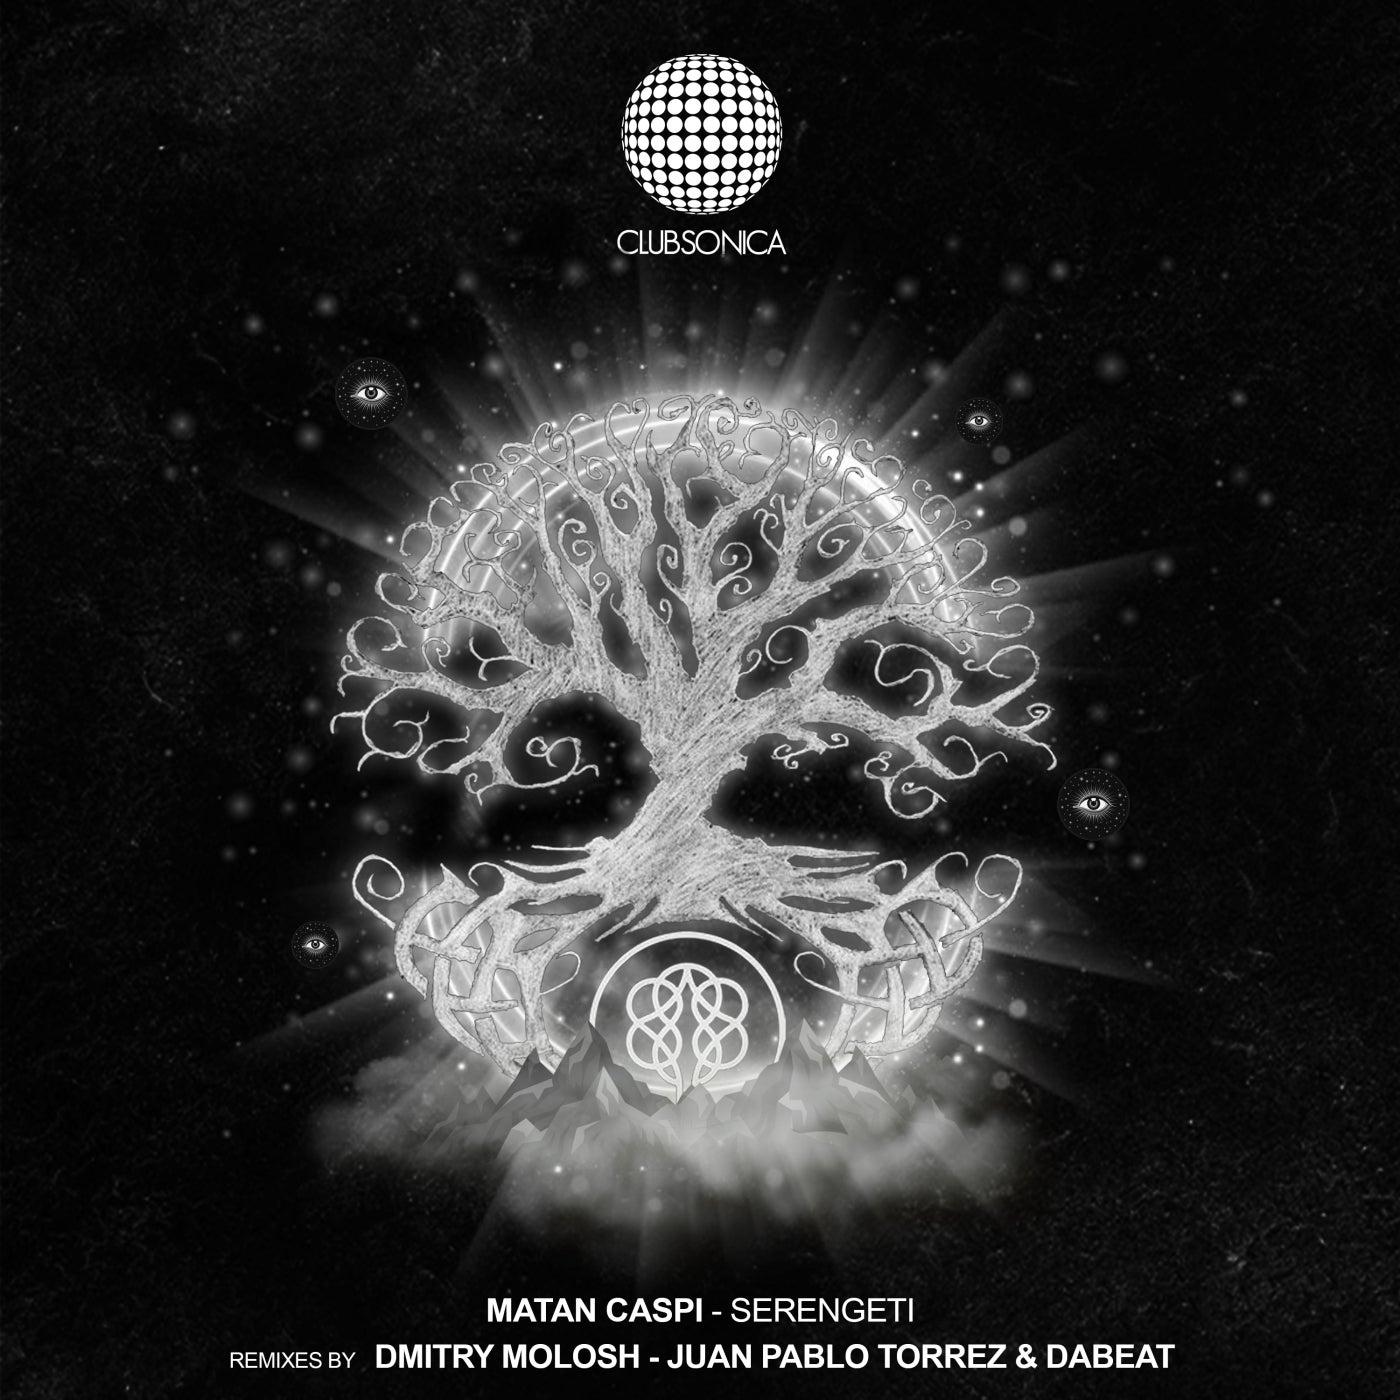 Serengeti (Dmitry Molosh Remix)